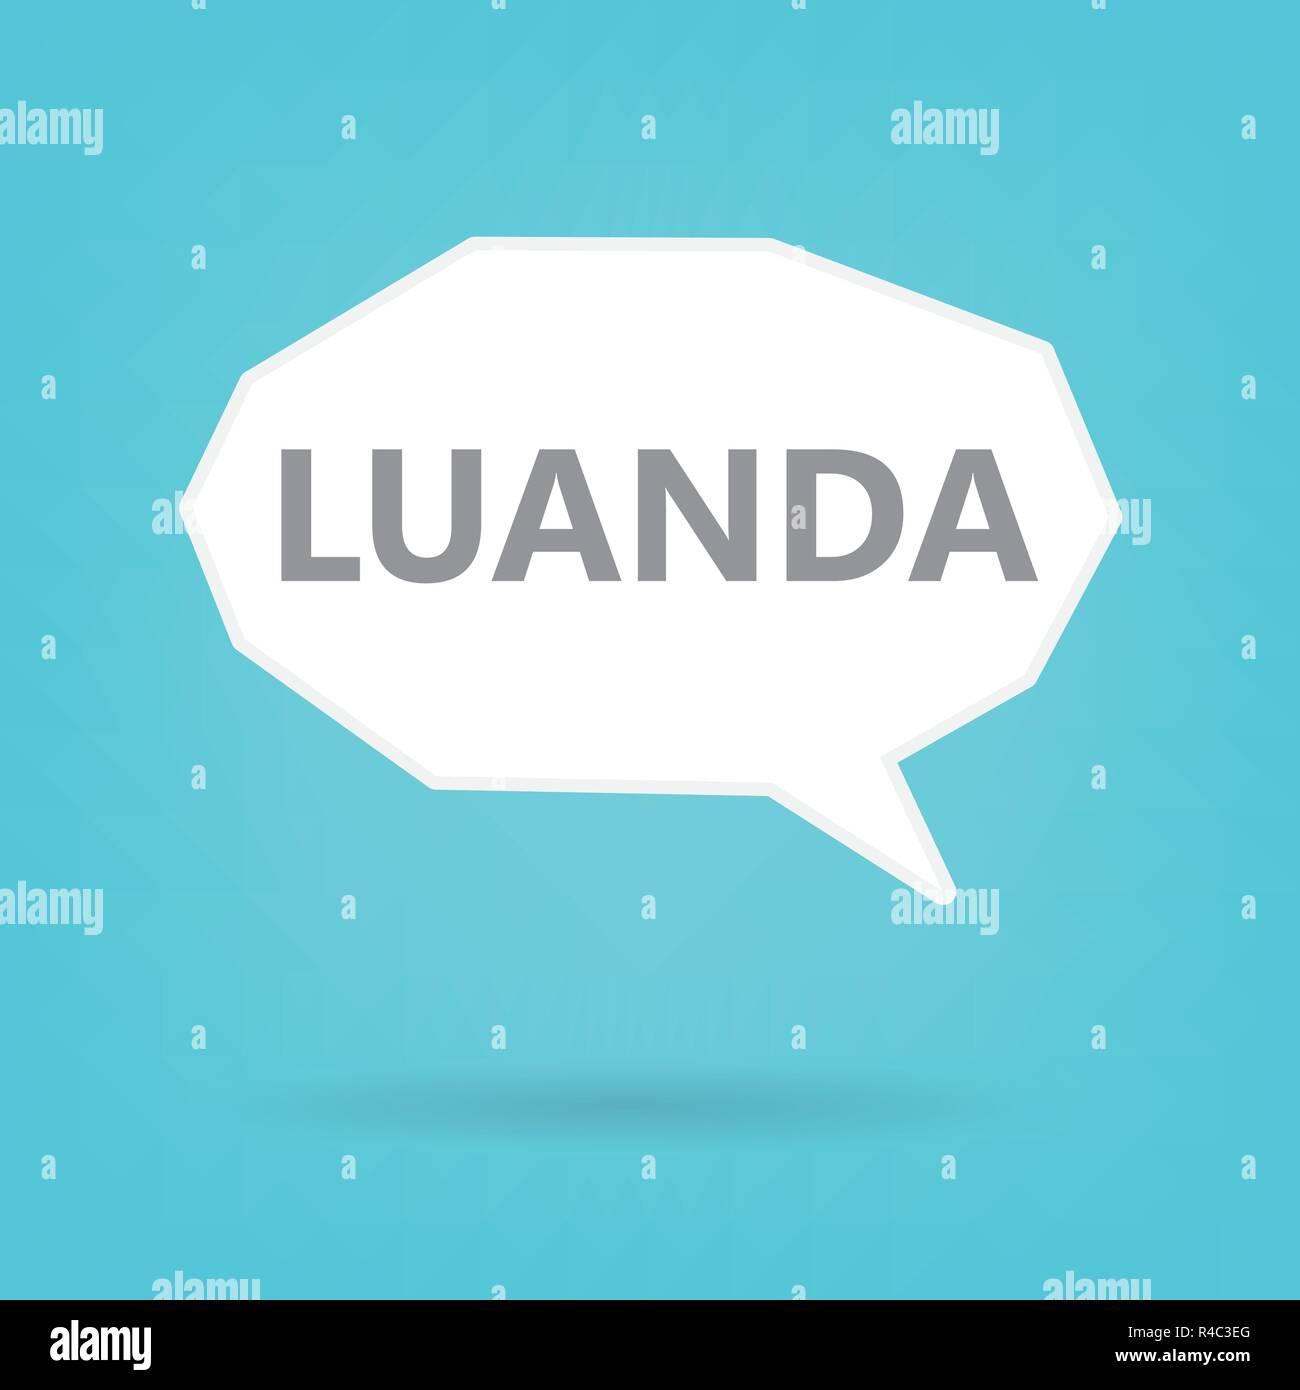 Luanda word on a speech bubble- vector illustration - Stock Vector